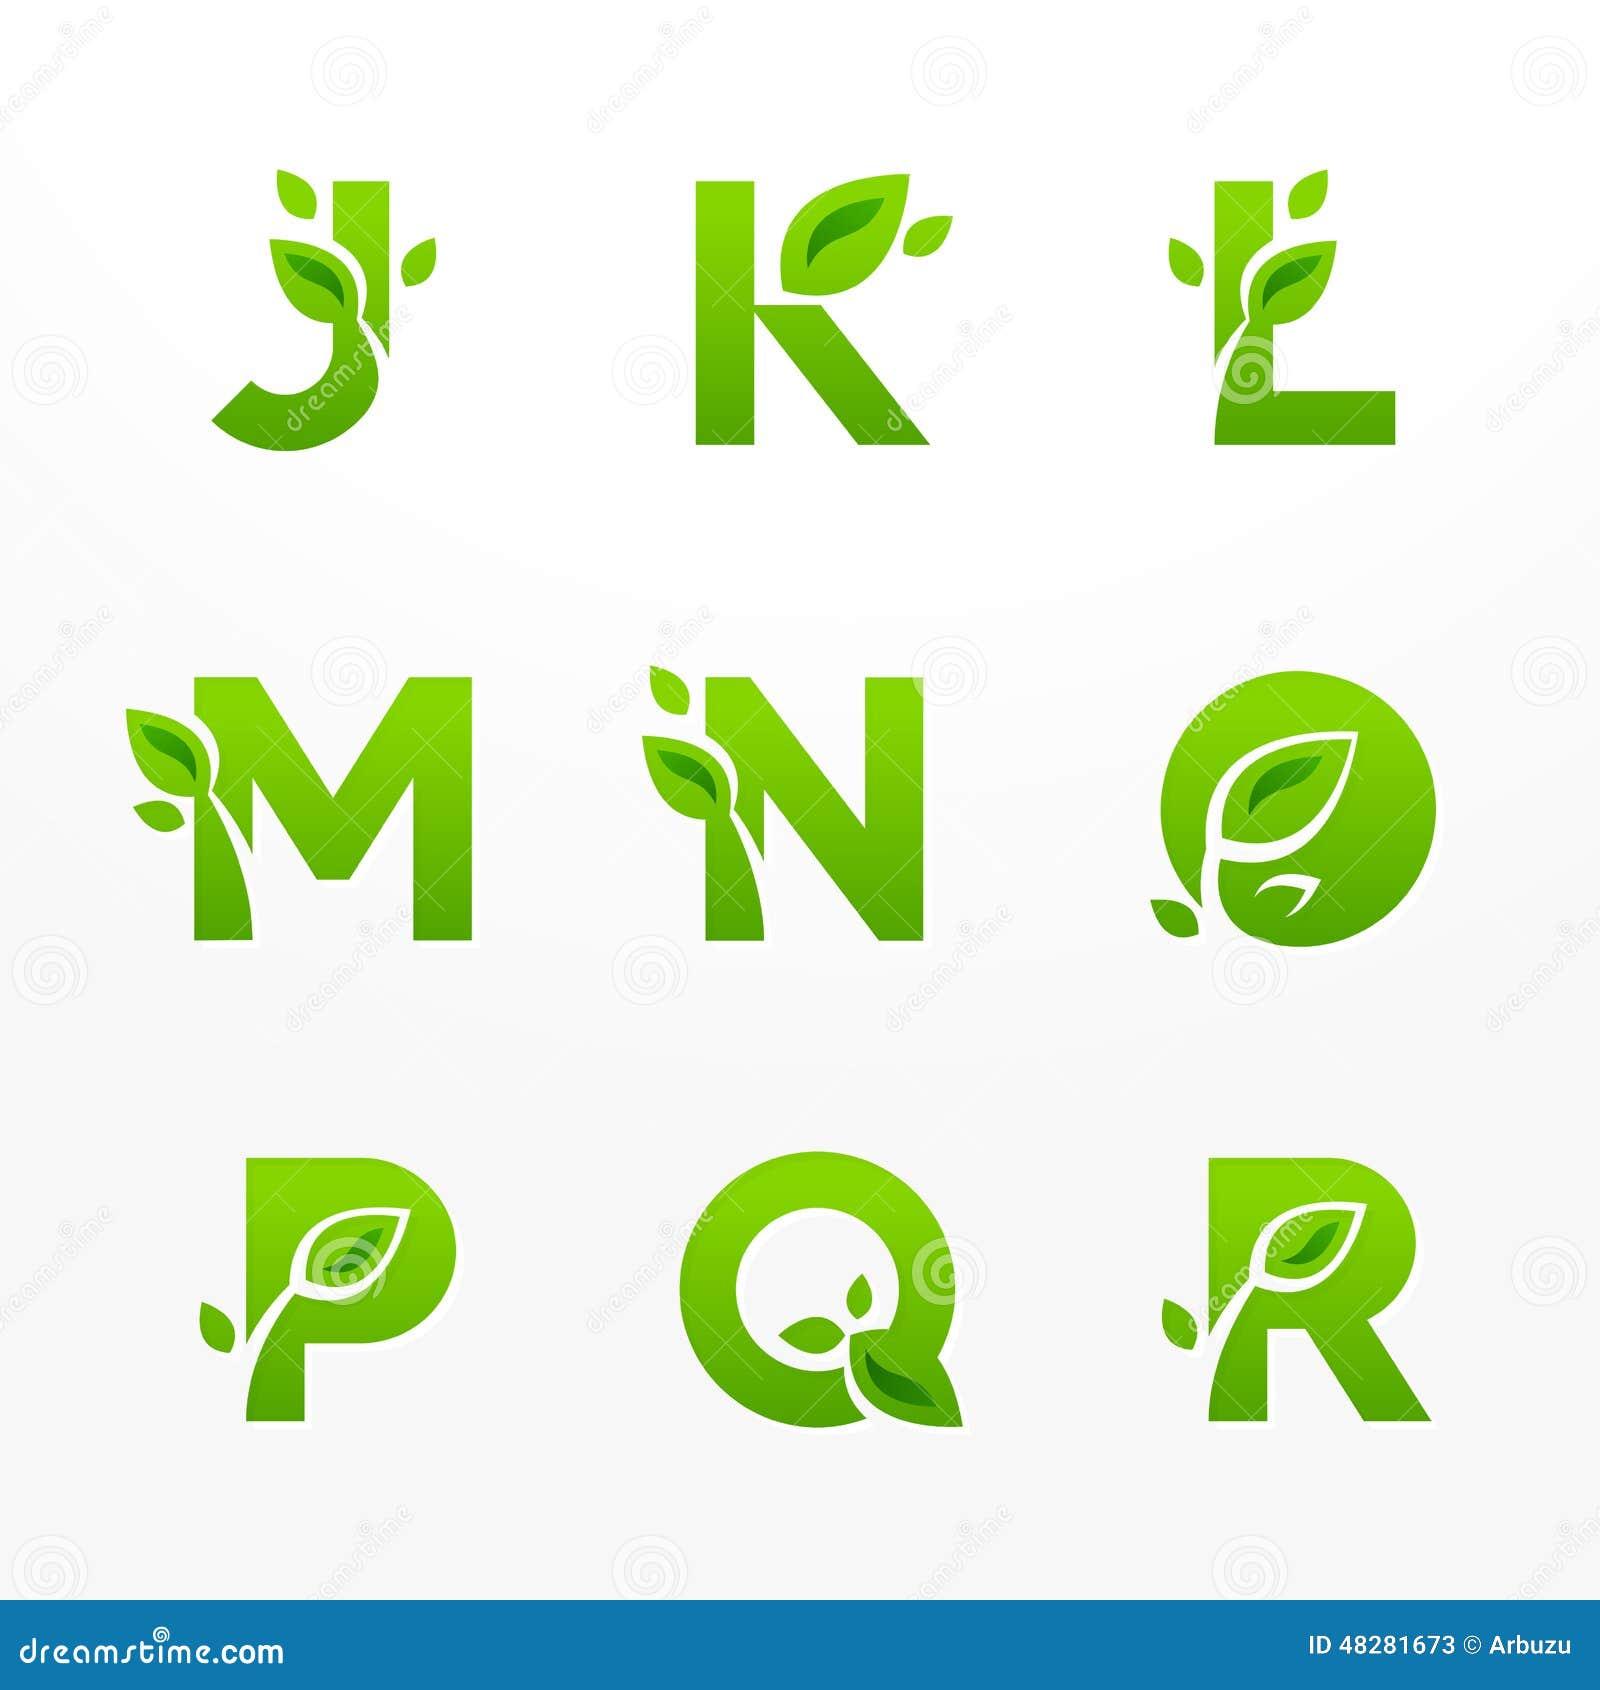 el sistema del vector de eco verde pone letras al logotipo